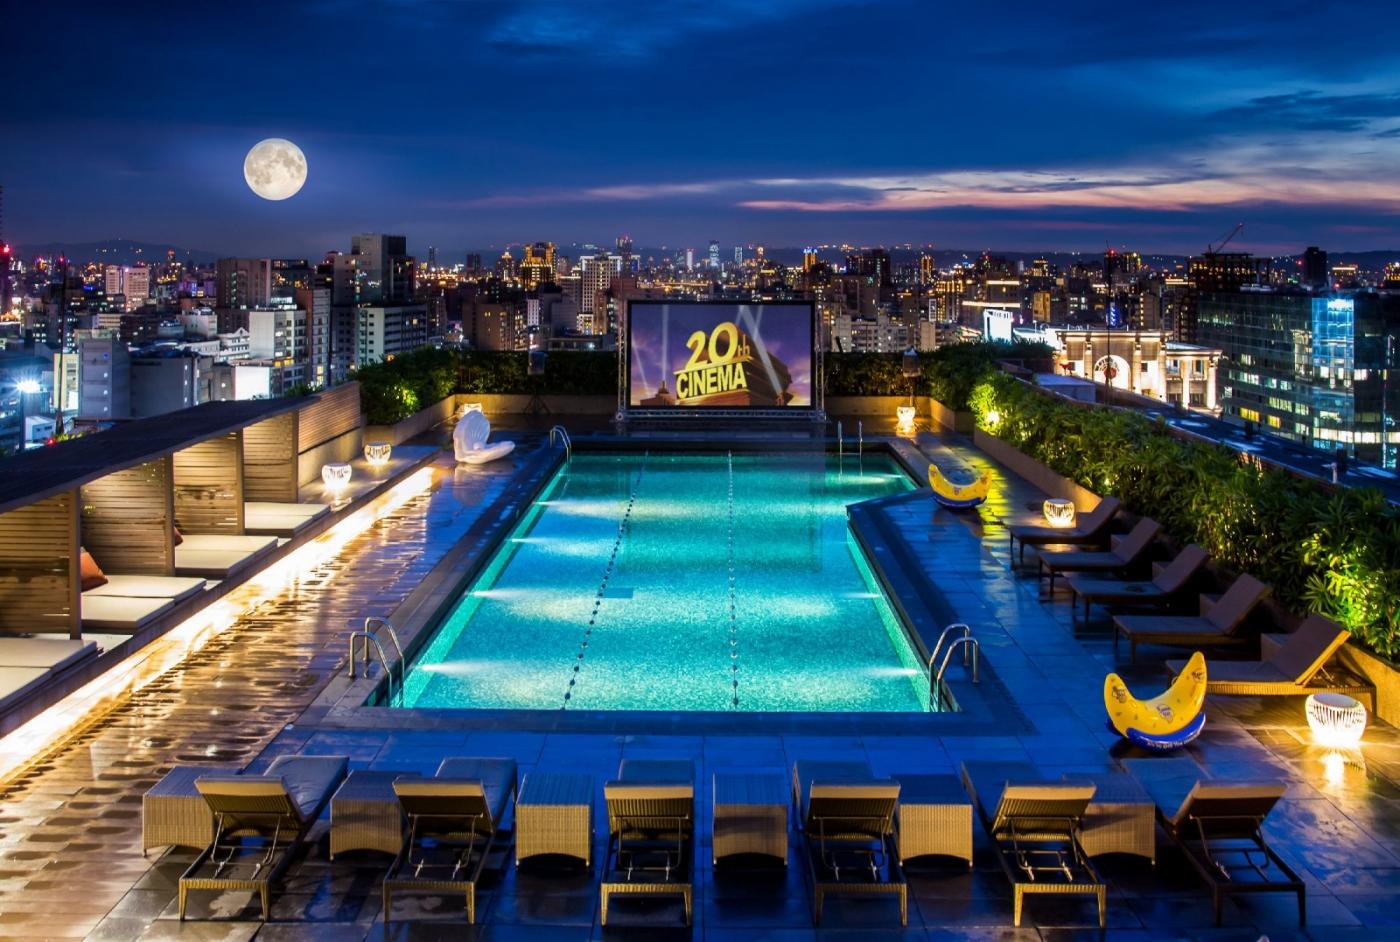 晶華宣布在北投開發新溫泉旅館!Q3淨利掉5成,為何有信心加碼國旅投資?